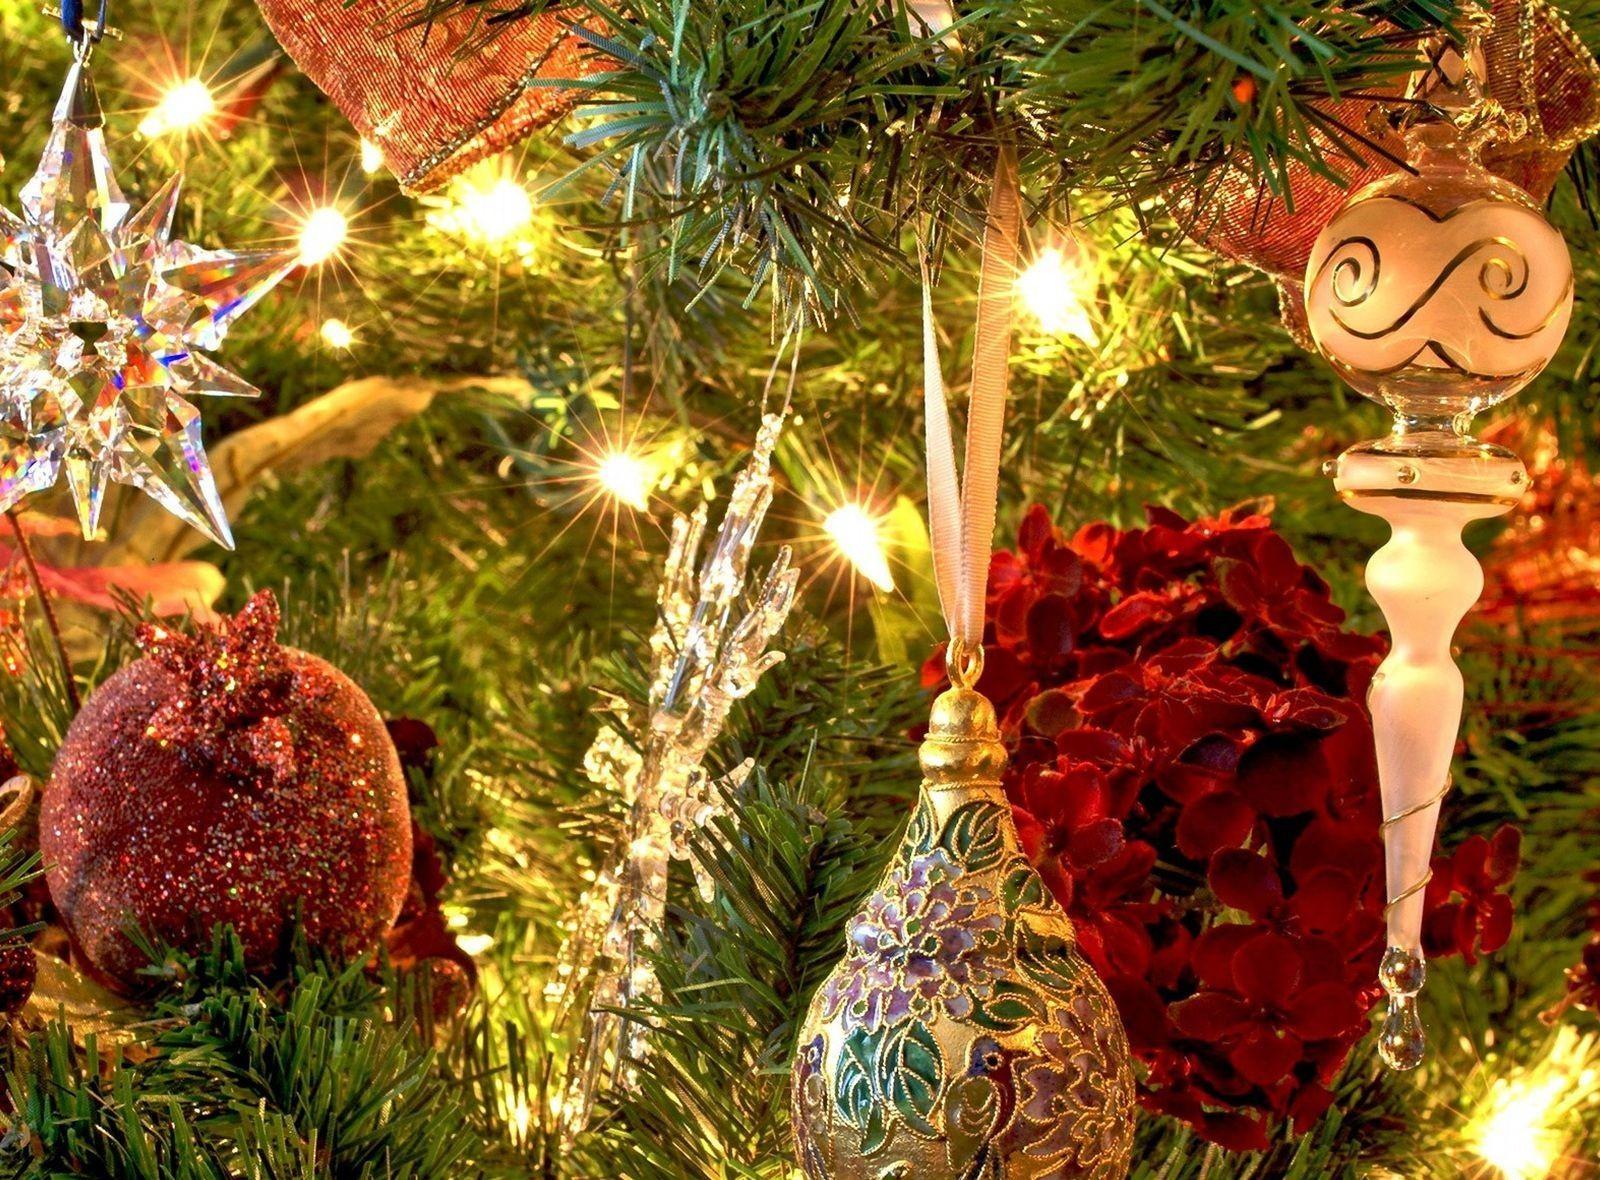 красивые картинки новогодние елки и игрушки хотела